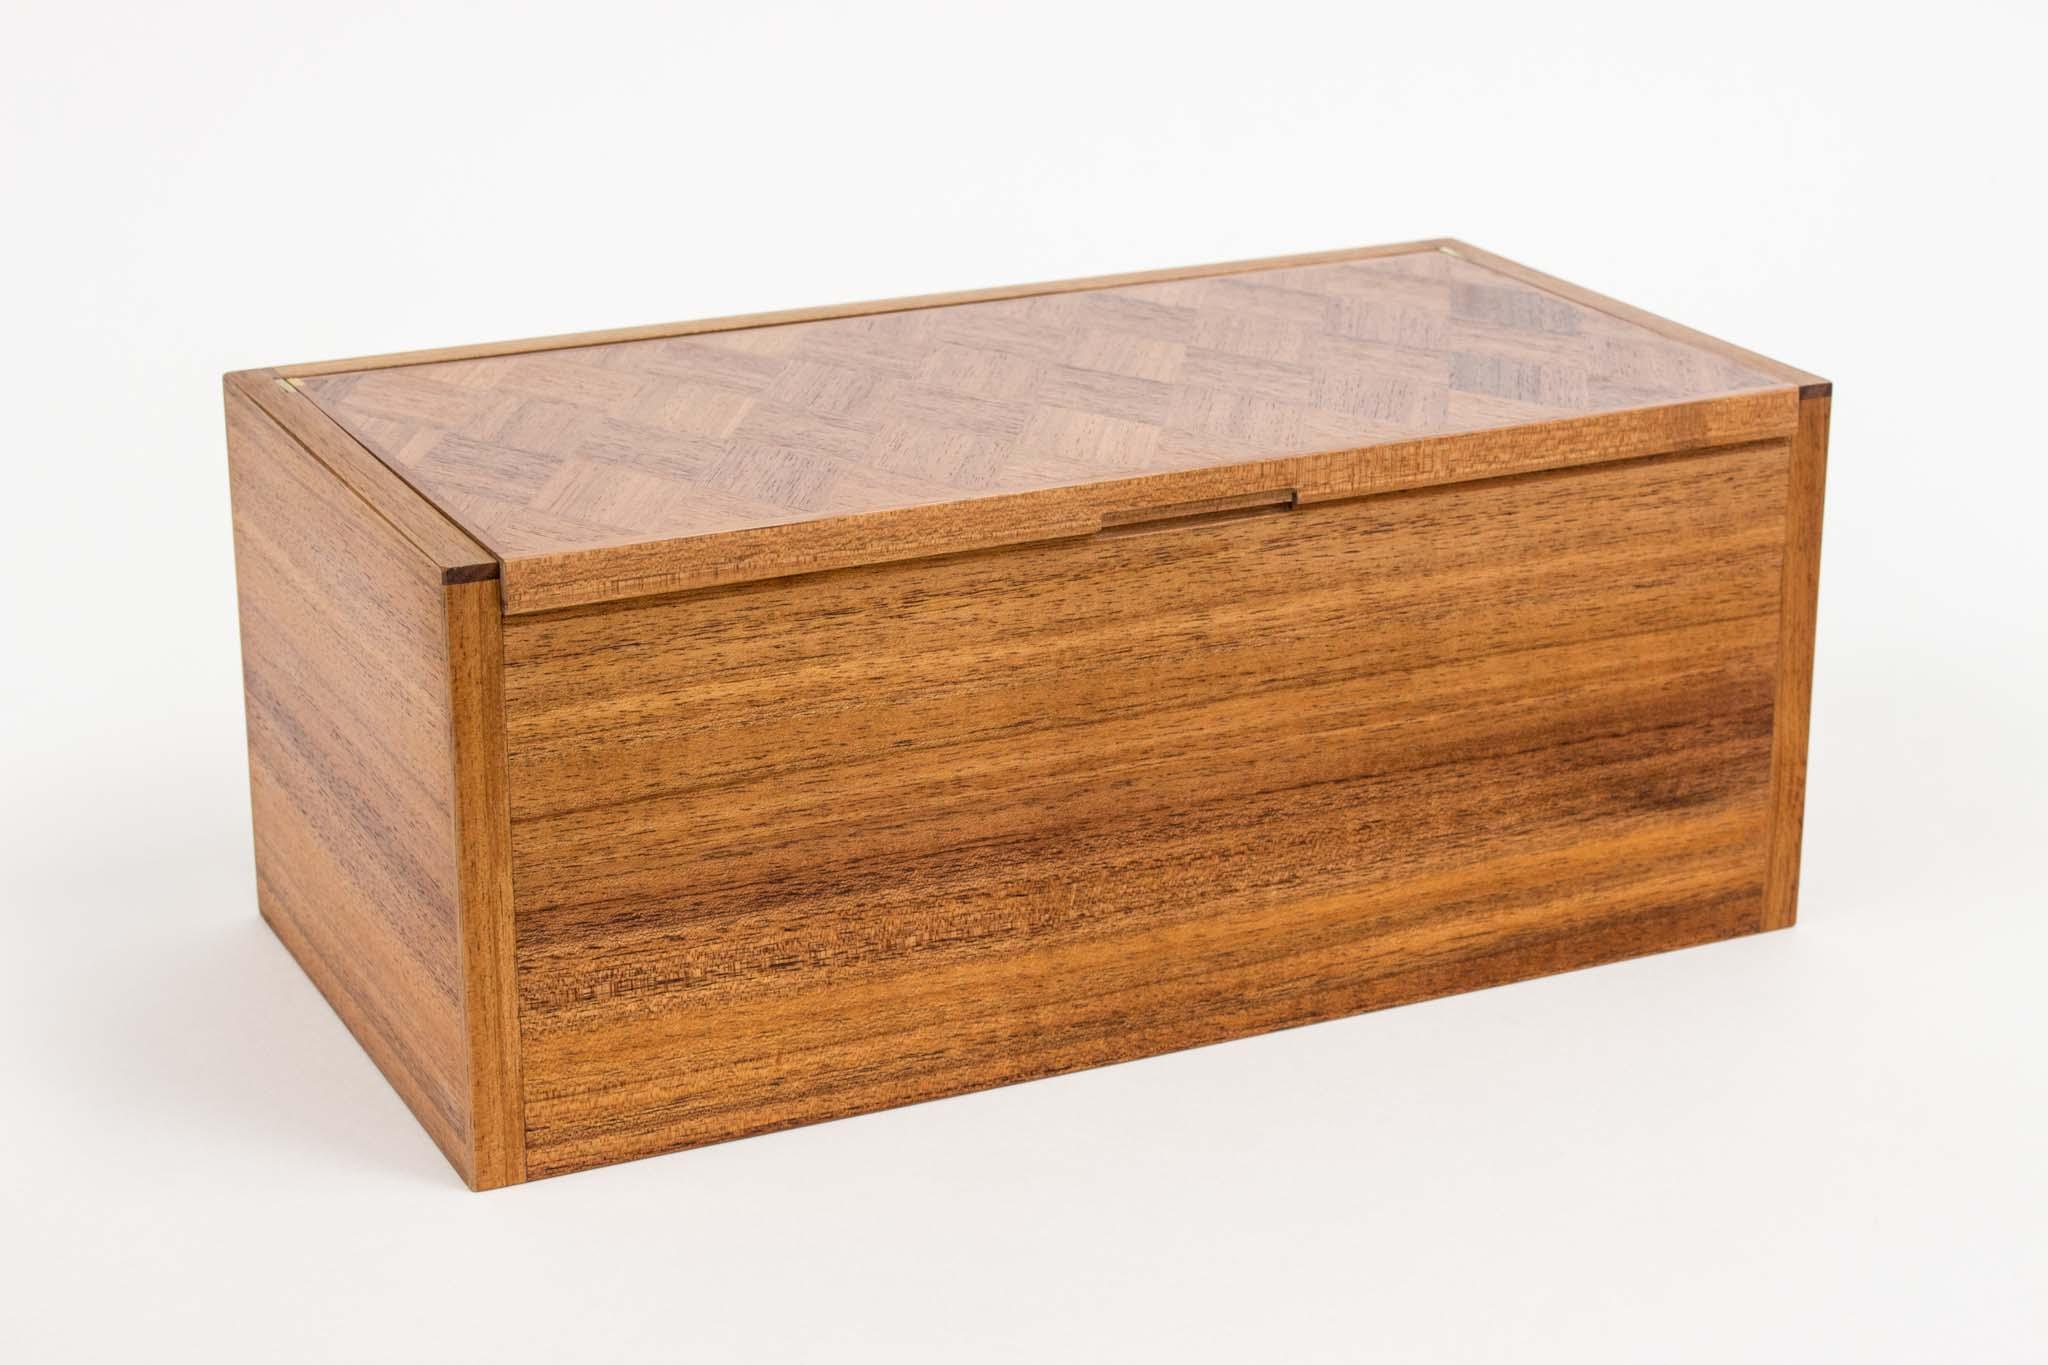 Parquetry box